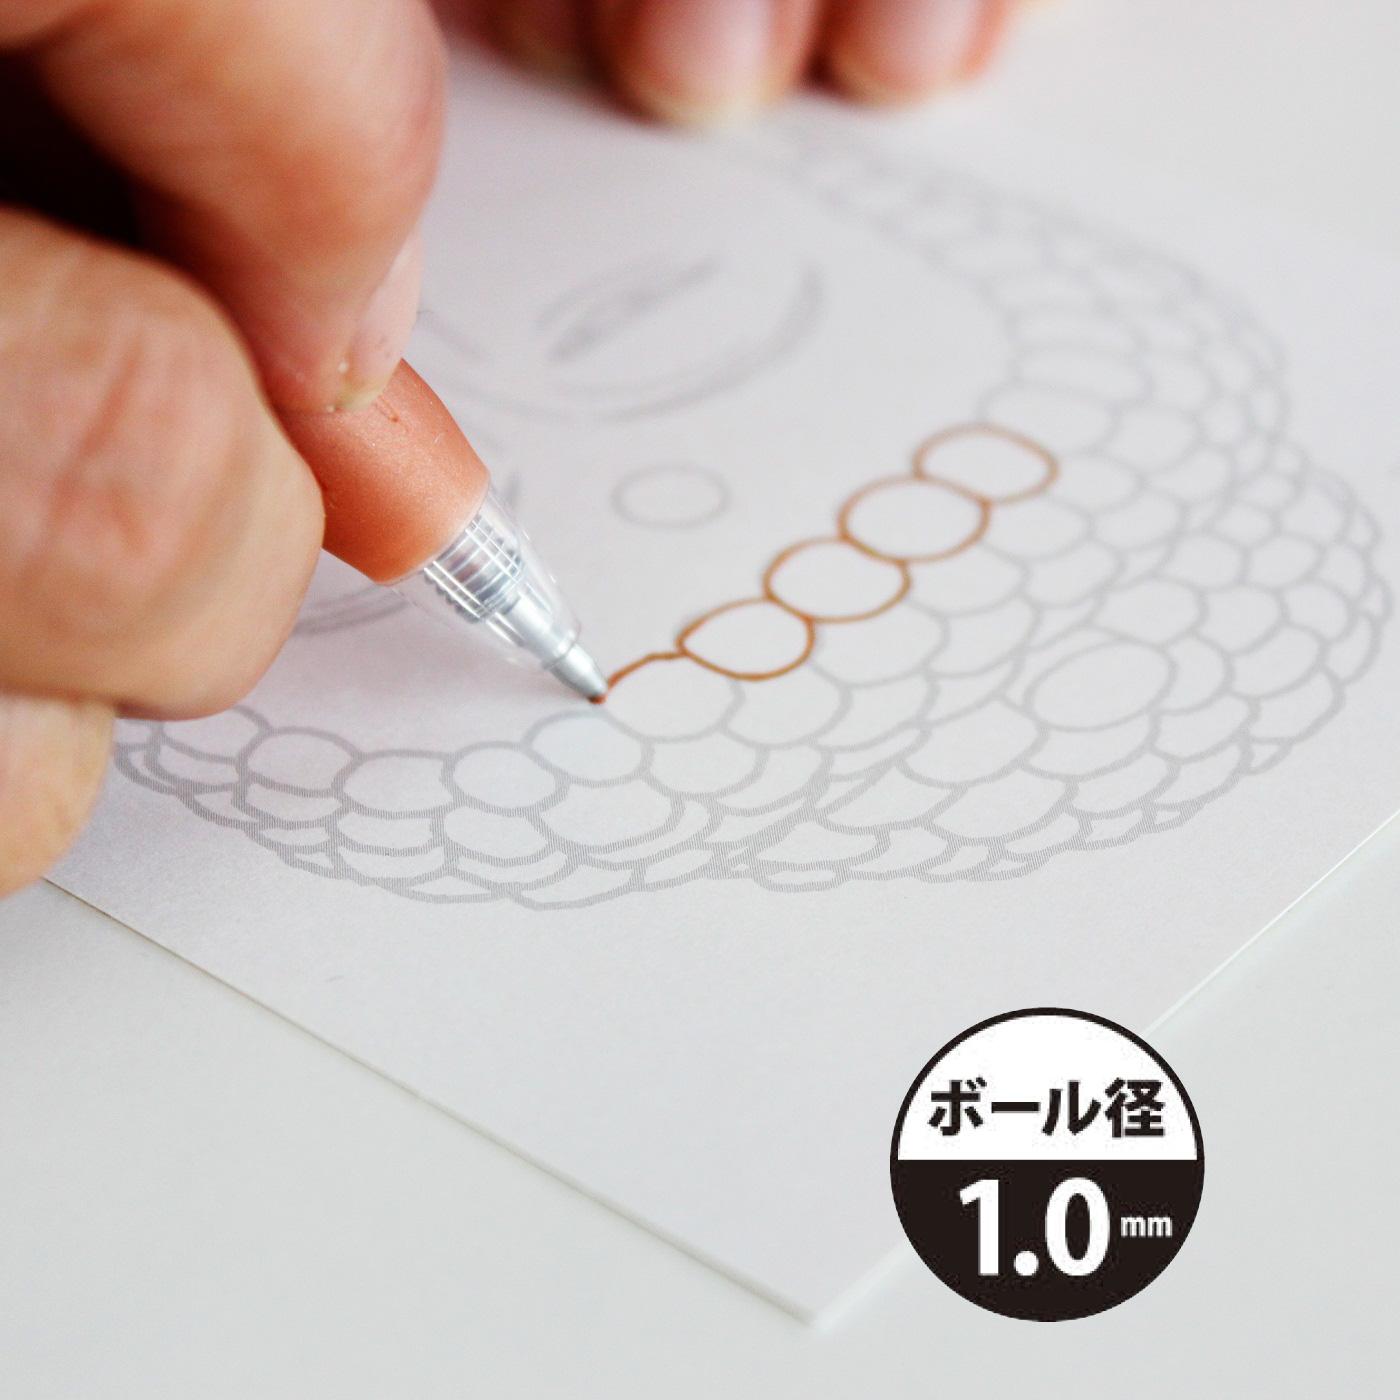 1.0mmタイプは、インクののりもよくてなめらかな書きごこち。